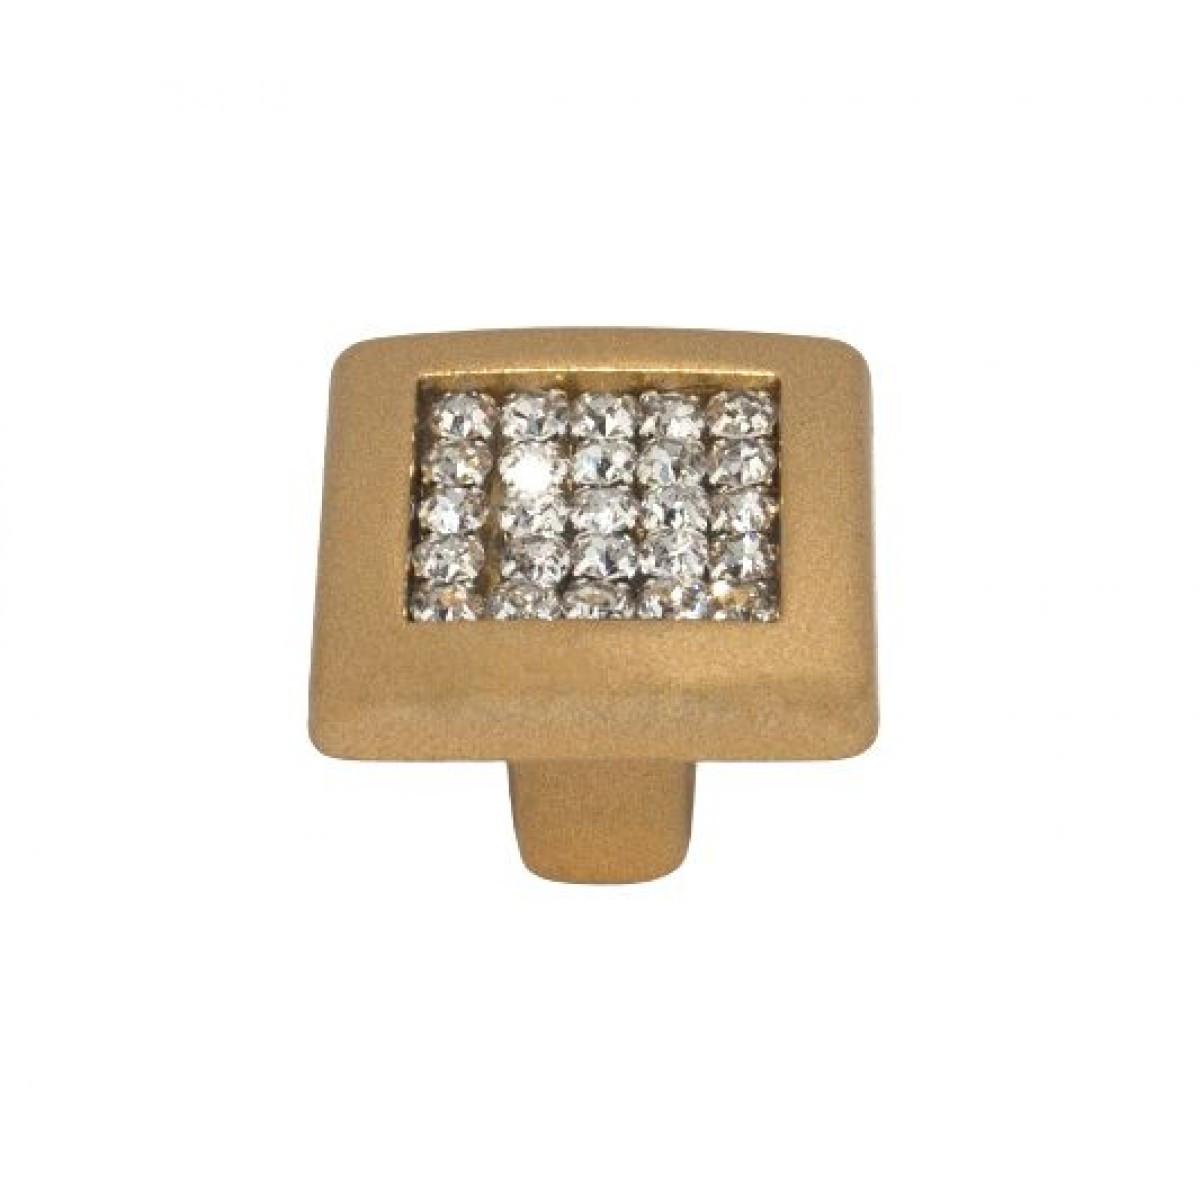 Ручка мебельная Ozkardesler MADRID DUGME 6065-04 Матовая Золото с камнями